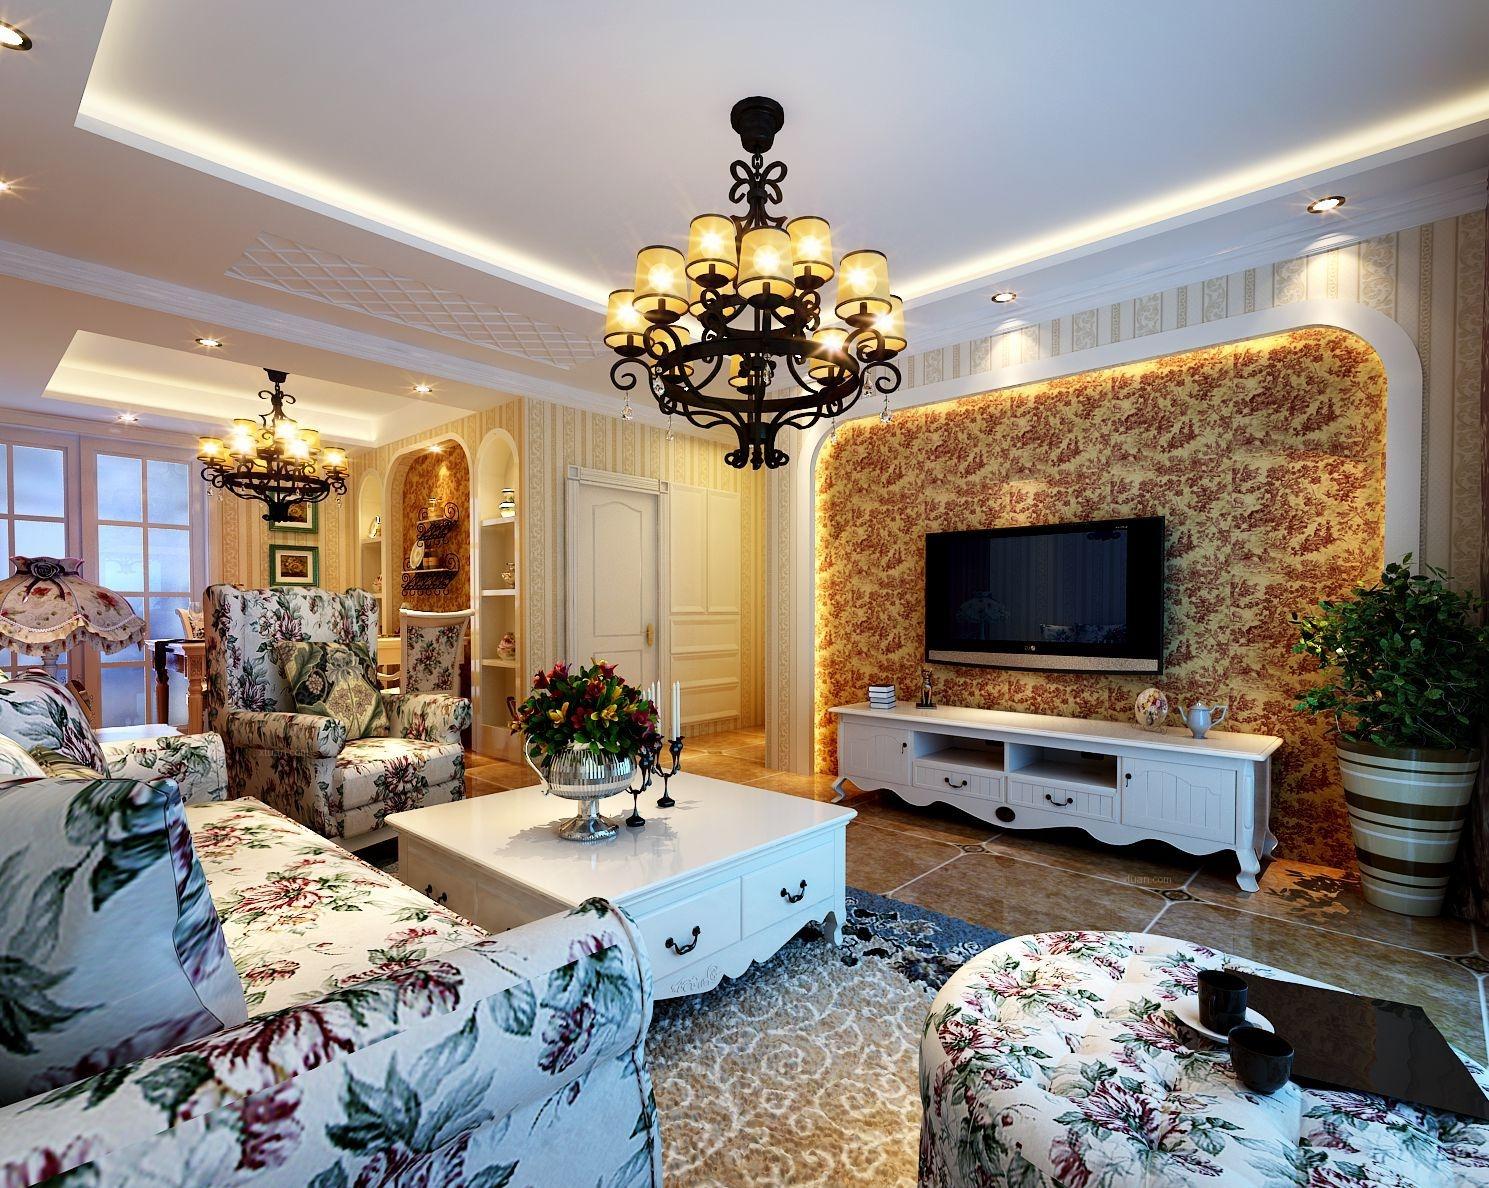 三居室简欧风格客厅电视背景墙图片